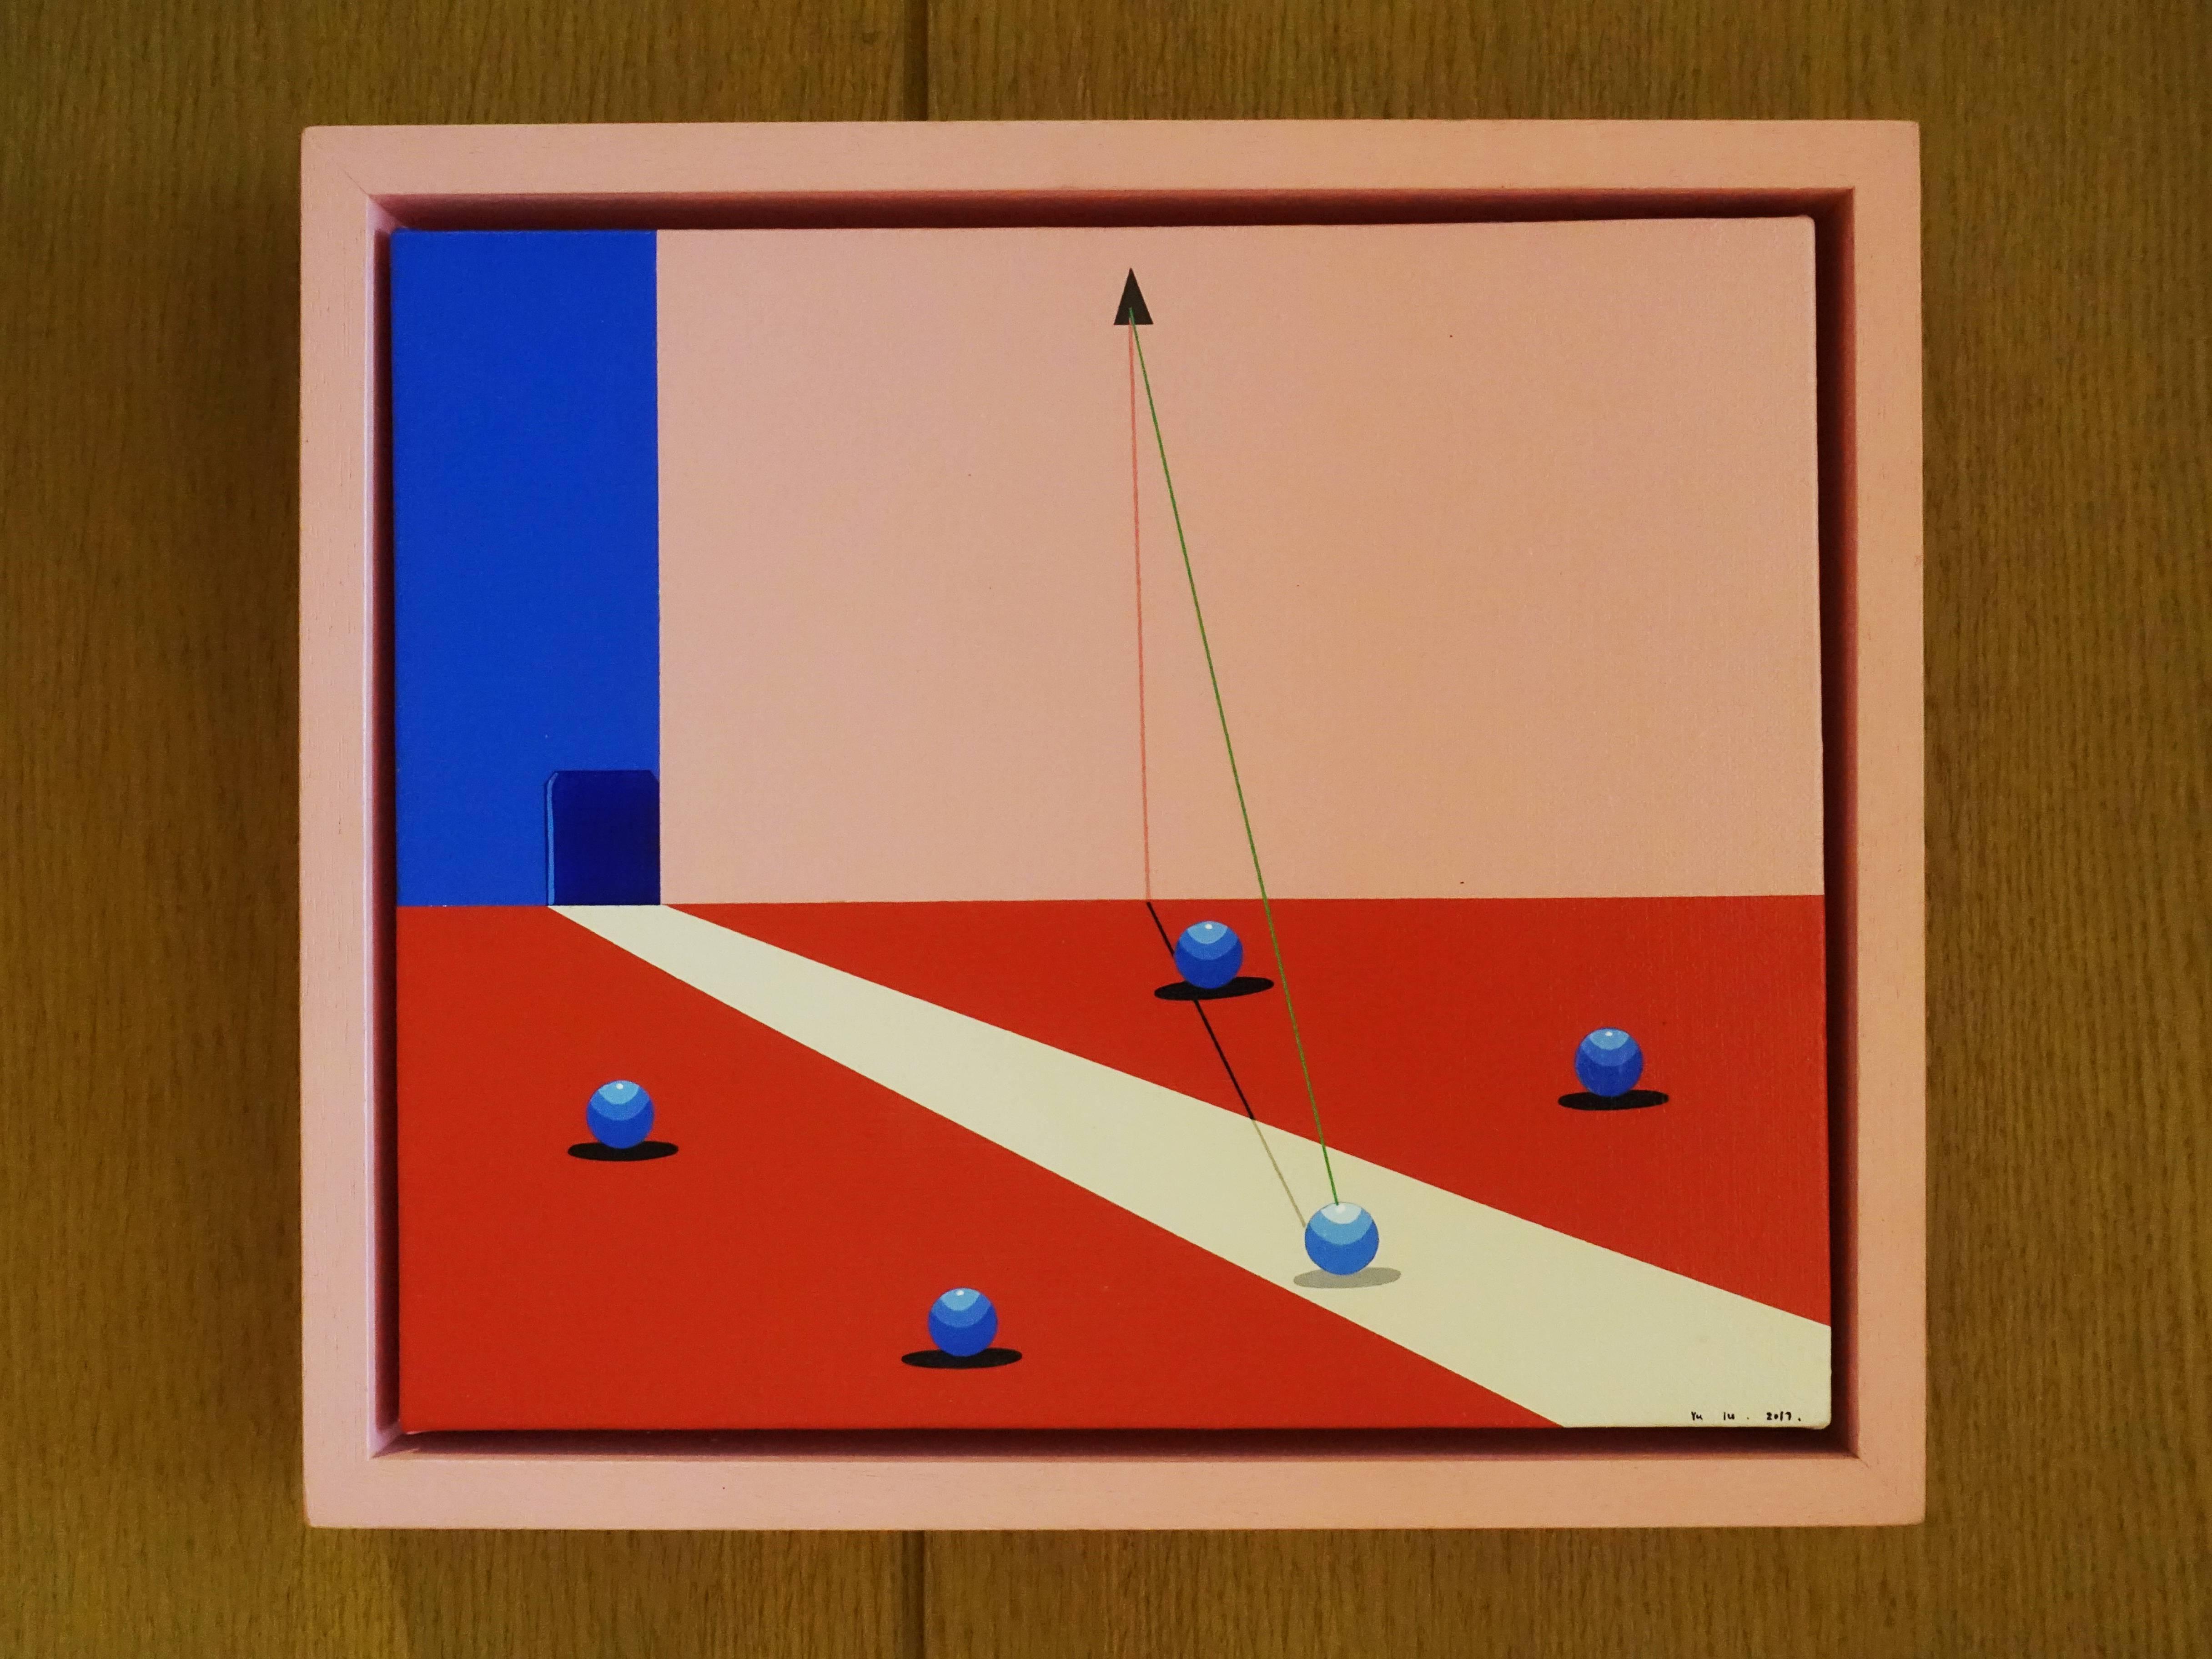 時代畫廊藝術家 -  禹露,《冥想》,25 x 30 cm,丙烯,2017。